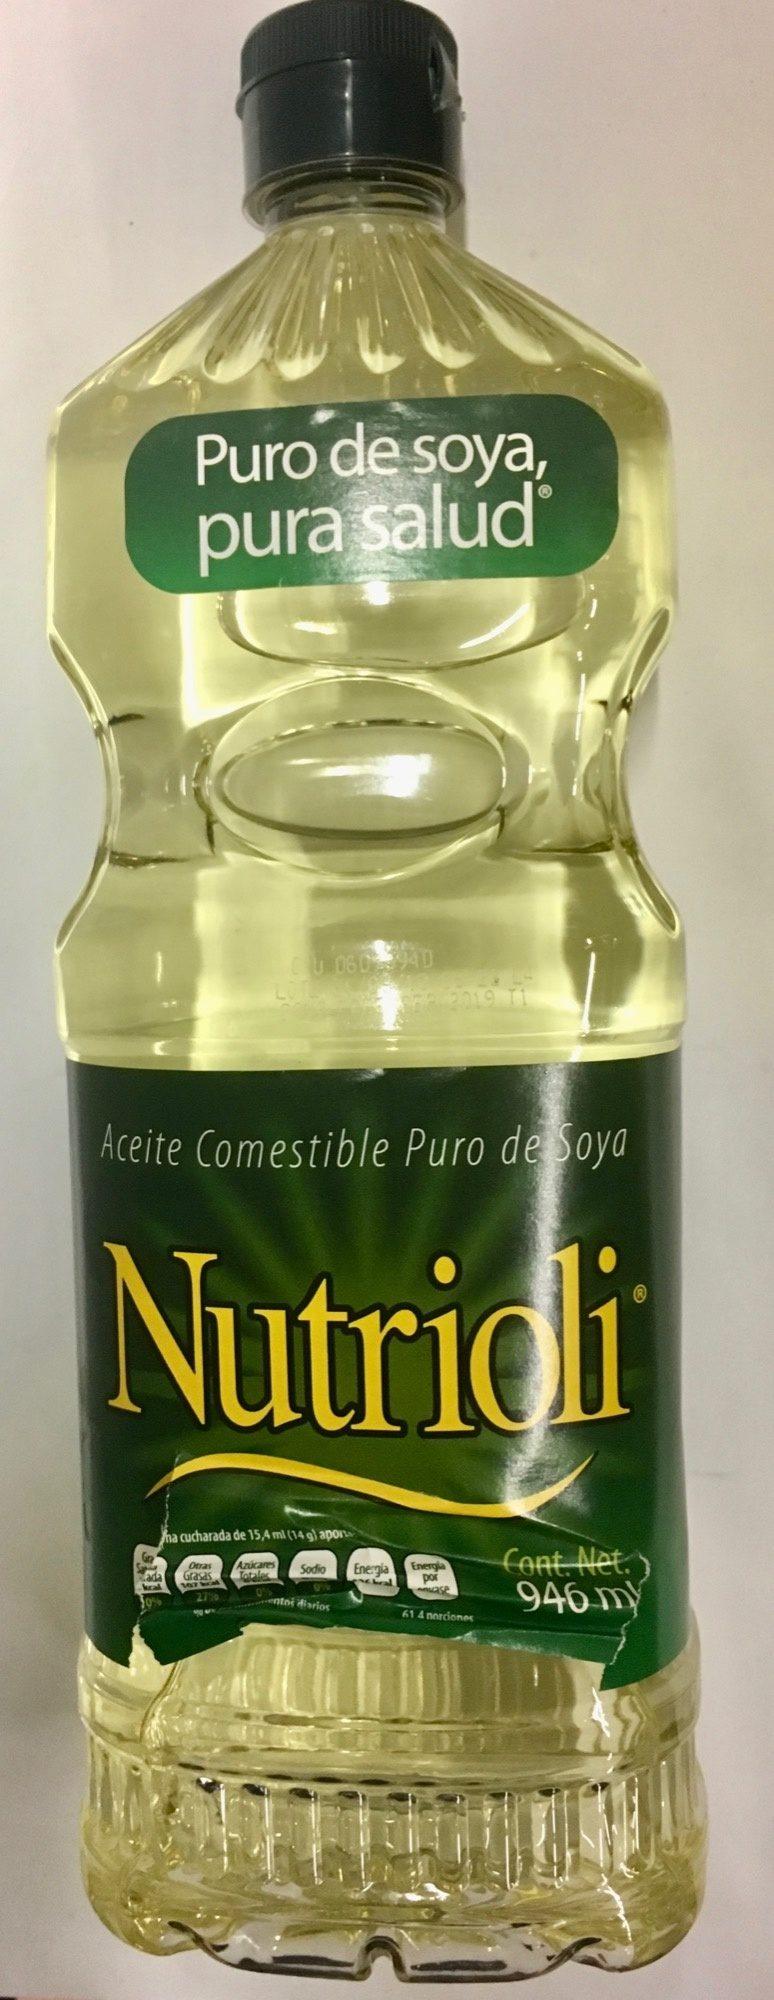 Aceite de soya Nutrioli - Product